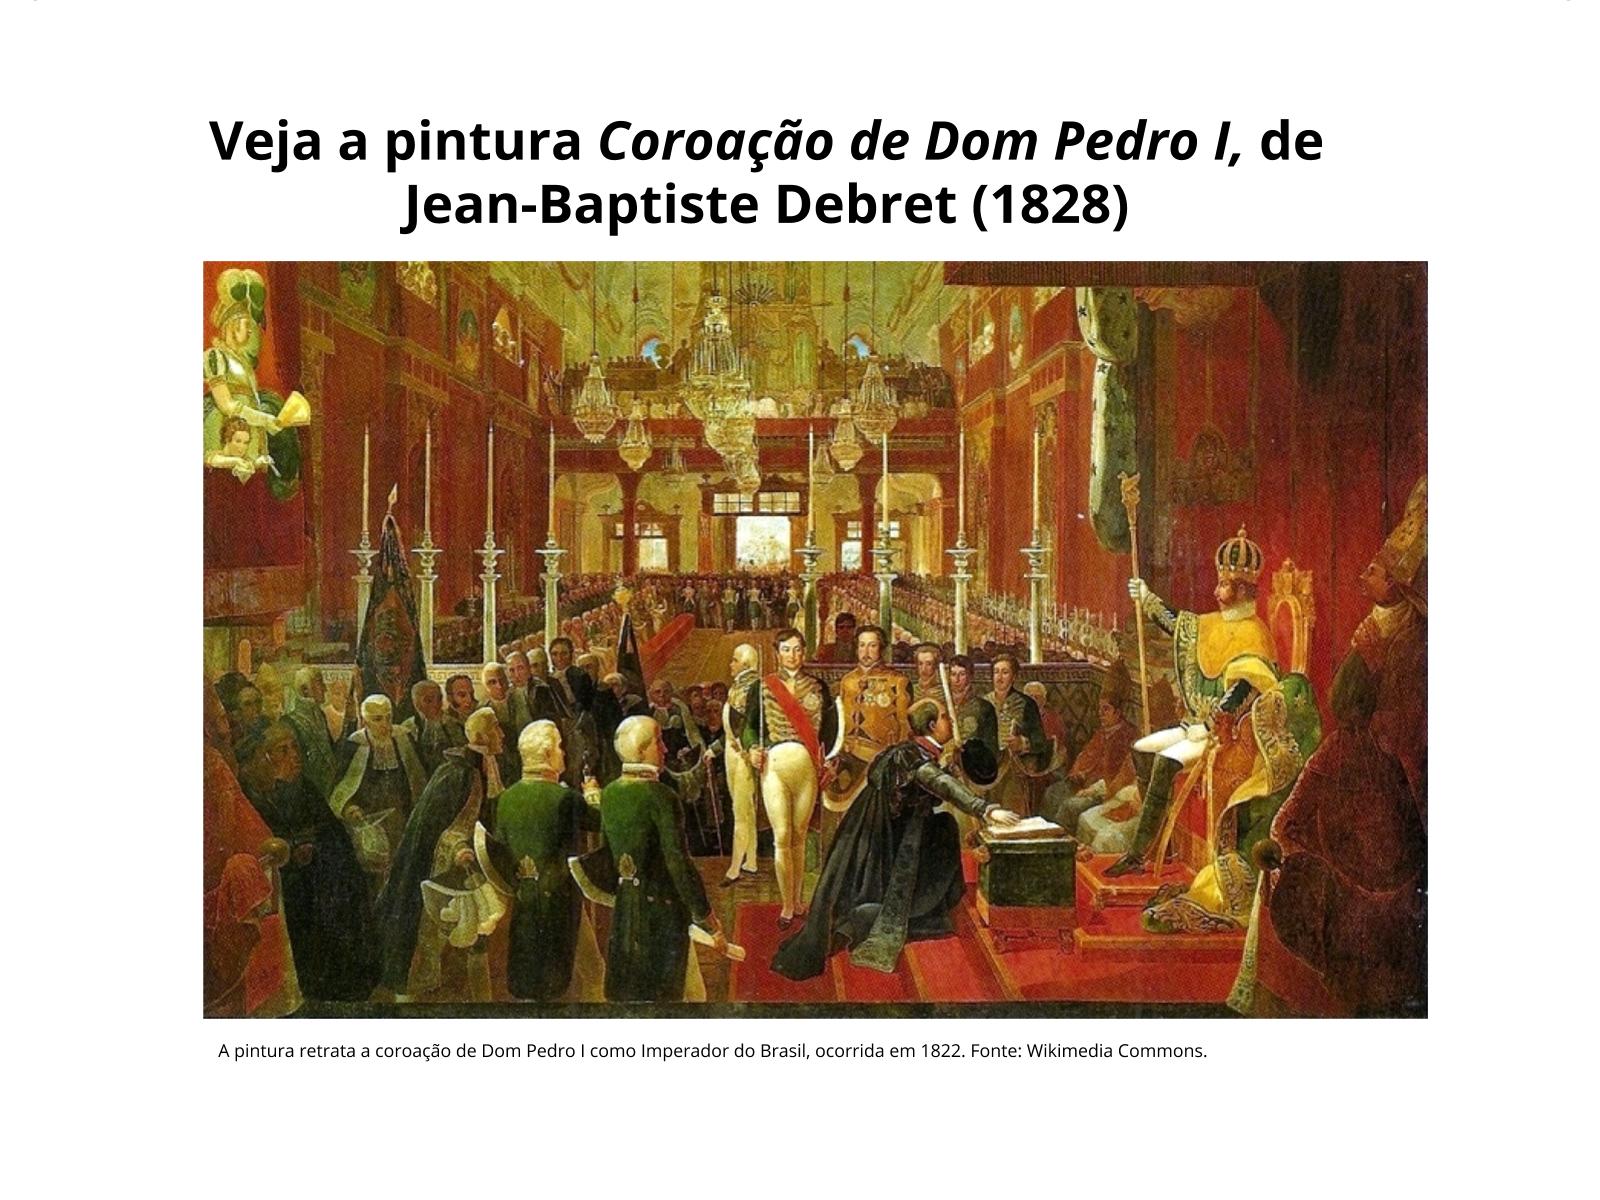 Projetos políticos em conflito no Brasil pós-Independência